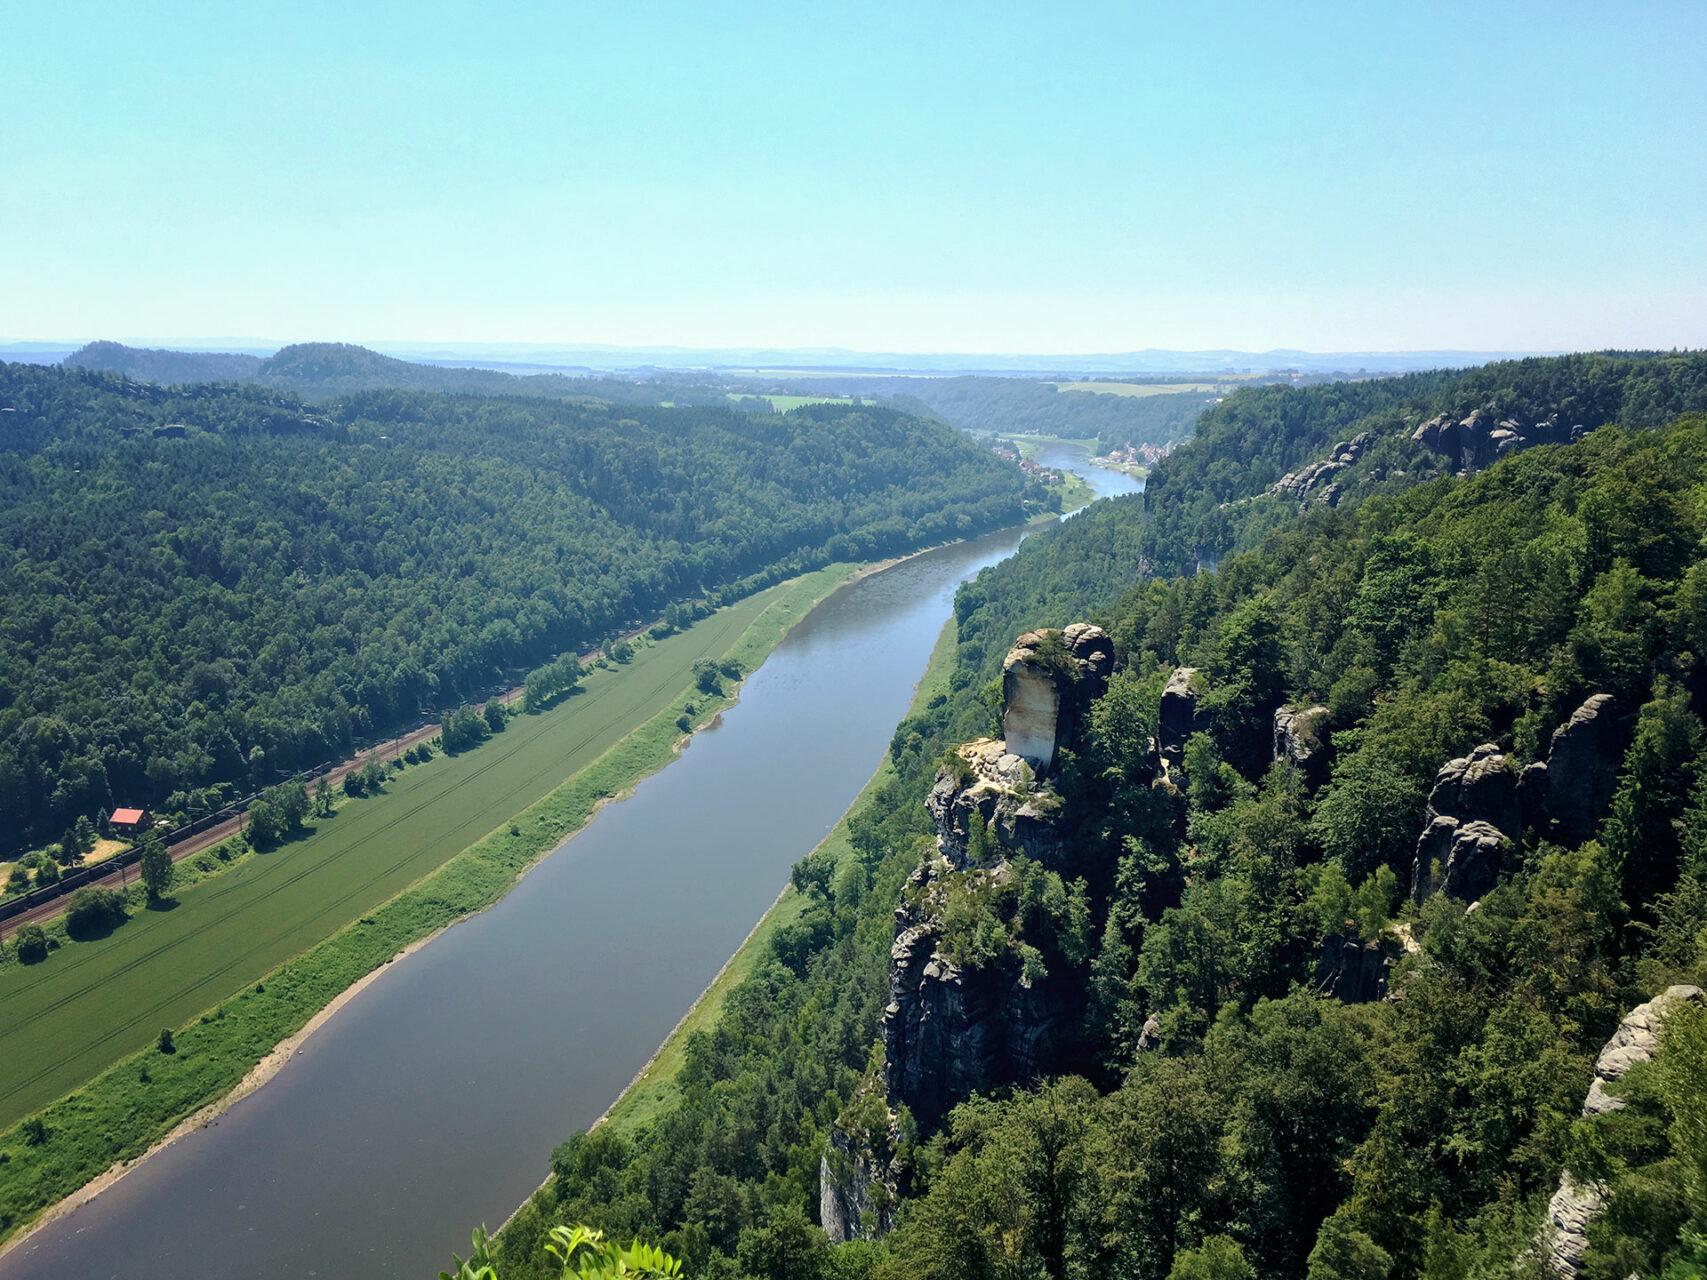 Die Elbe schimmert dunkelbalu bei Temperaturen jenseits der 30 Grad. Hochsommerliches Wandern im Elbsandsteingebirge